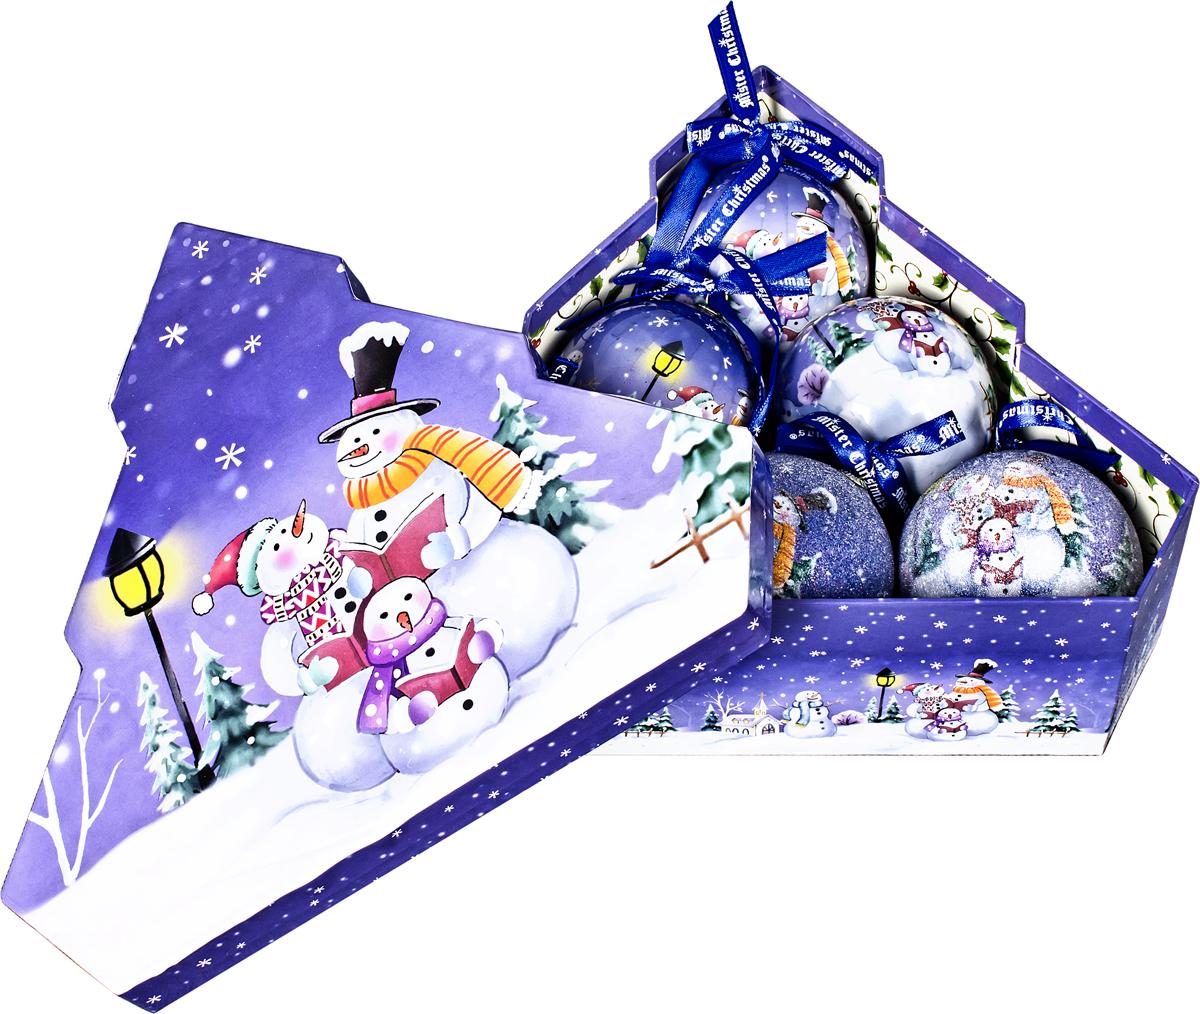 Набор новогодних подвесных украшений Mister Christmas Папье-маше, диаметр 7,5 см, 6 шт. PM-46-6TPM-46-6TНабор из 6 подвесных украшений Mister Christmas Папье-маше прекрасно подойдет для праздничного декора новогодней ели. Изделия, выполненные из бумаги и покрытые несколькими слоями лака, очень прочные и легкие. Такие шары создадут единый стиль в оформлении не только ели, но и интерьера вашего дома. В наборе игрушки имеют глянцевую поверхность и покрытые мелкой пластиковой крошкой. Все изделия оснащены атласной ленточкой с логотипом бренда Mister Christmas для подвешивания. Такие украшения станут превосходным подарком к Новому году, а также дополнят коллекцию оригинальных новогодних елочных игрушек.